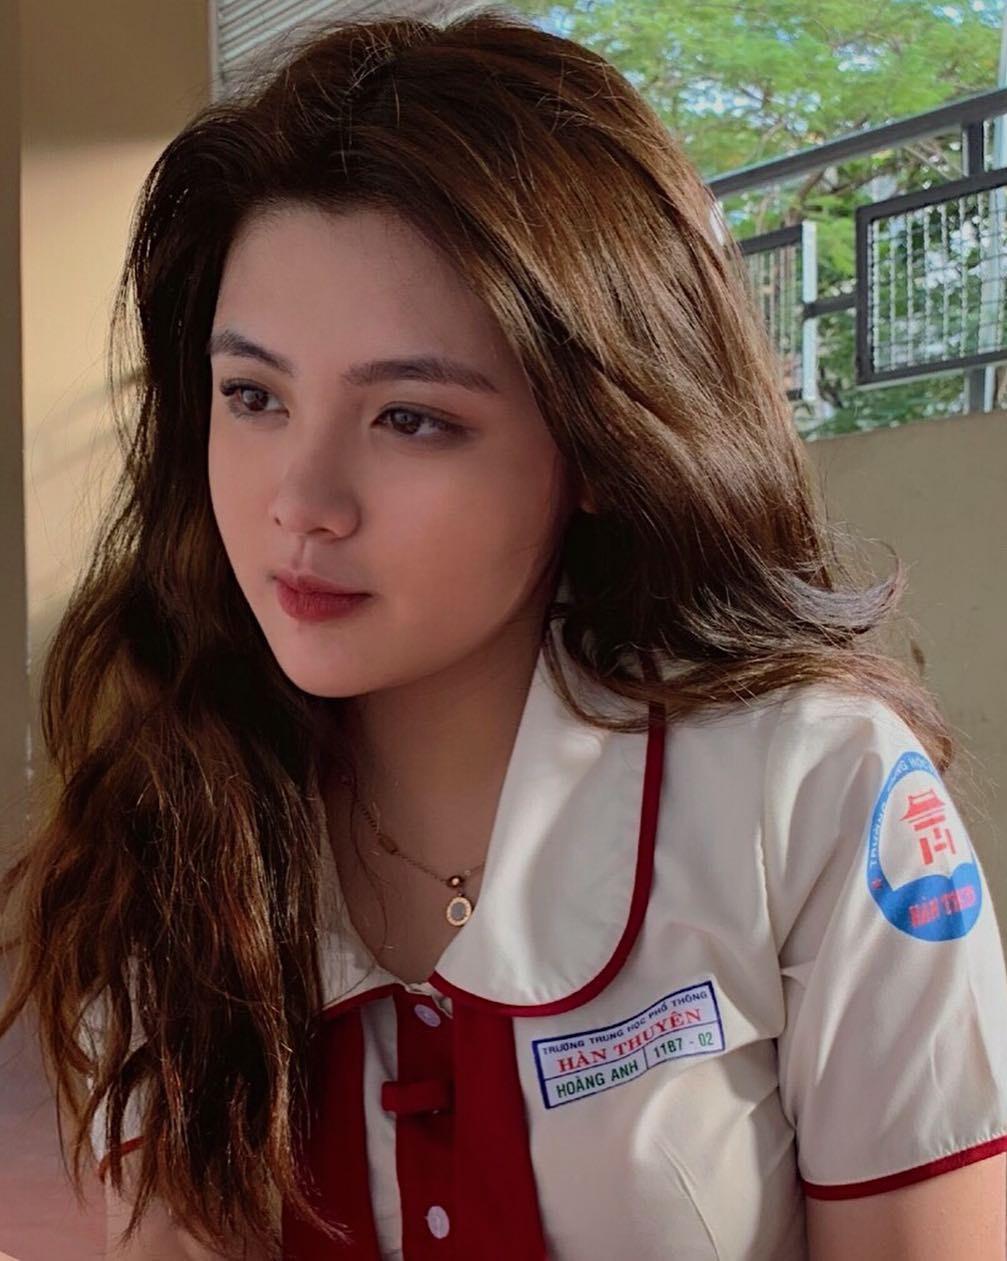 Chân dung nữ sinh Việt mặc áo dài khiến báo Trung mê mẩn 2